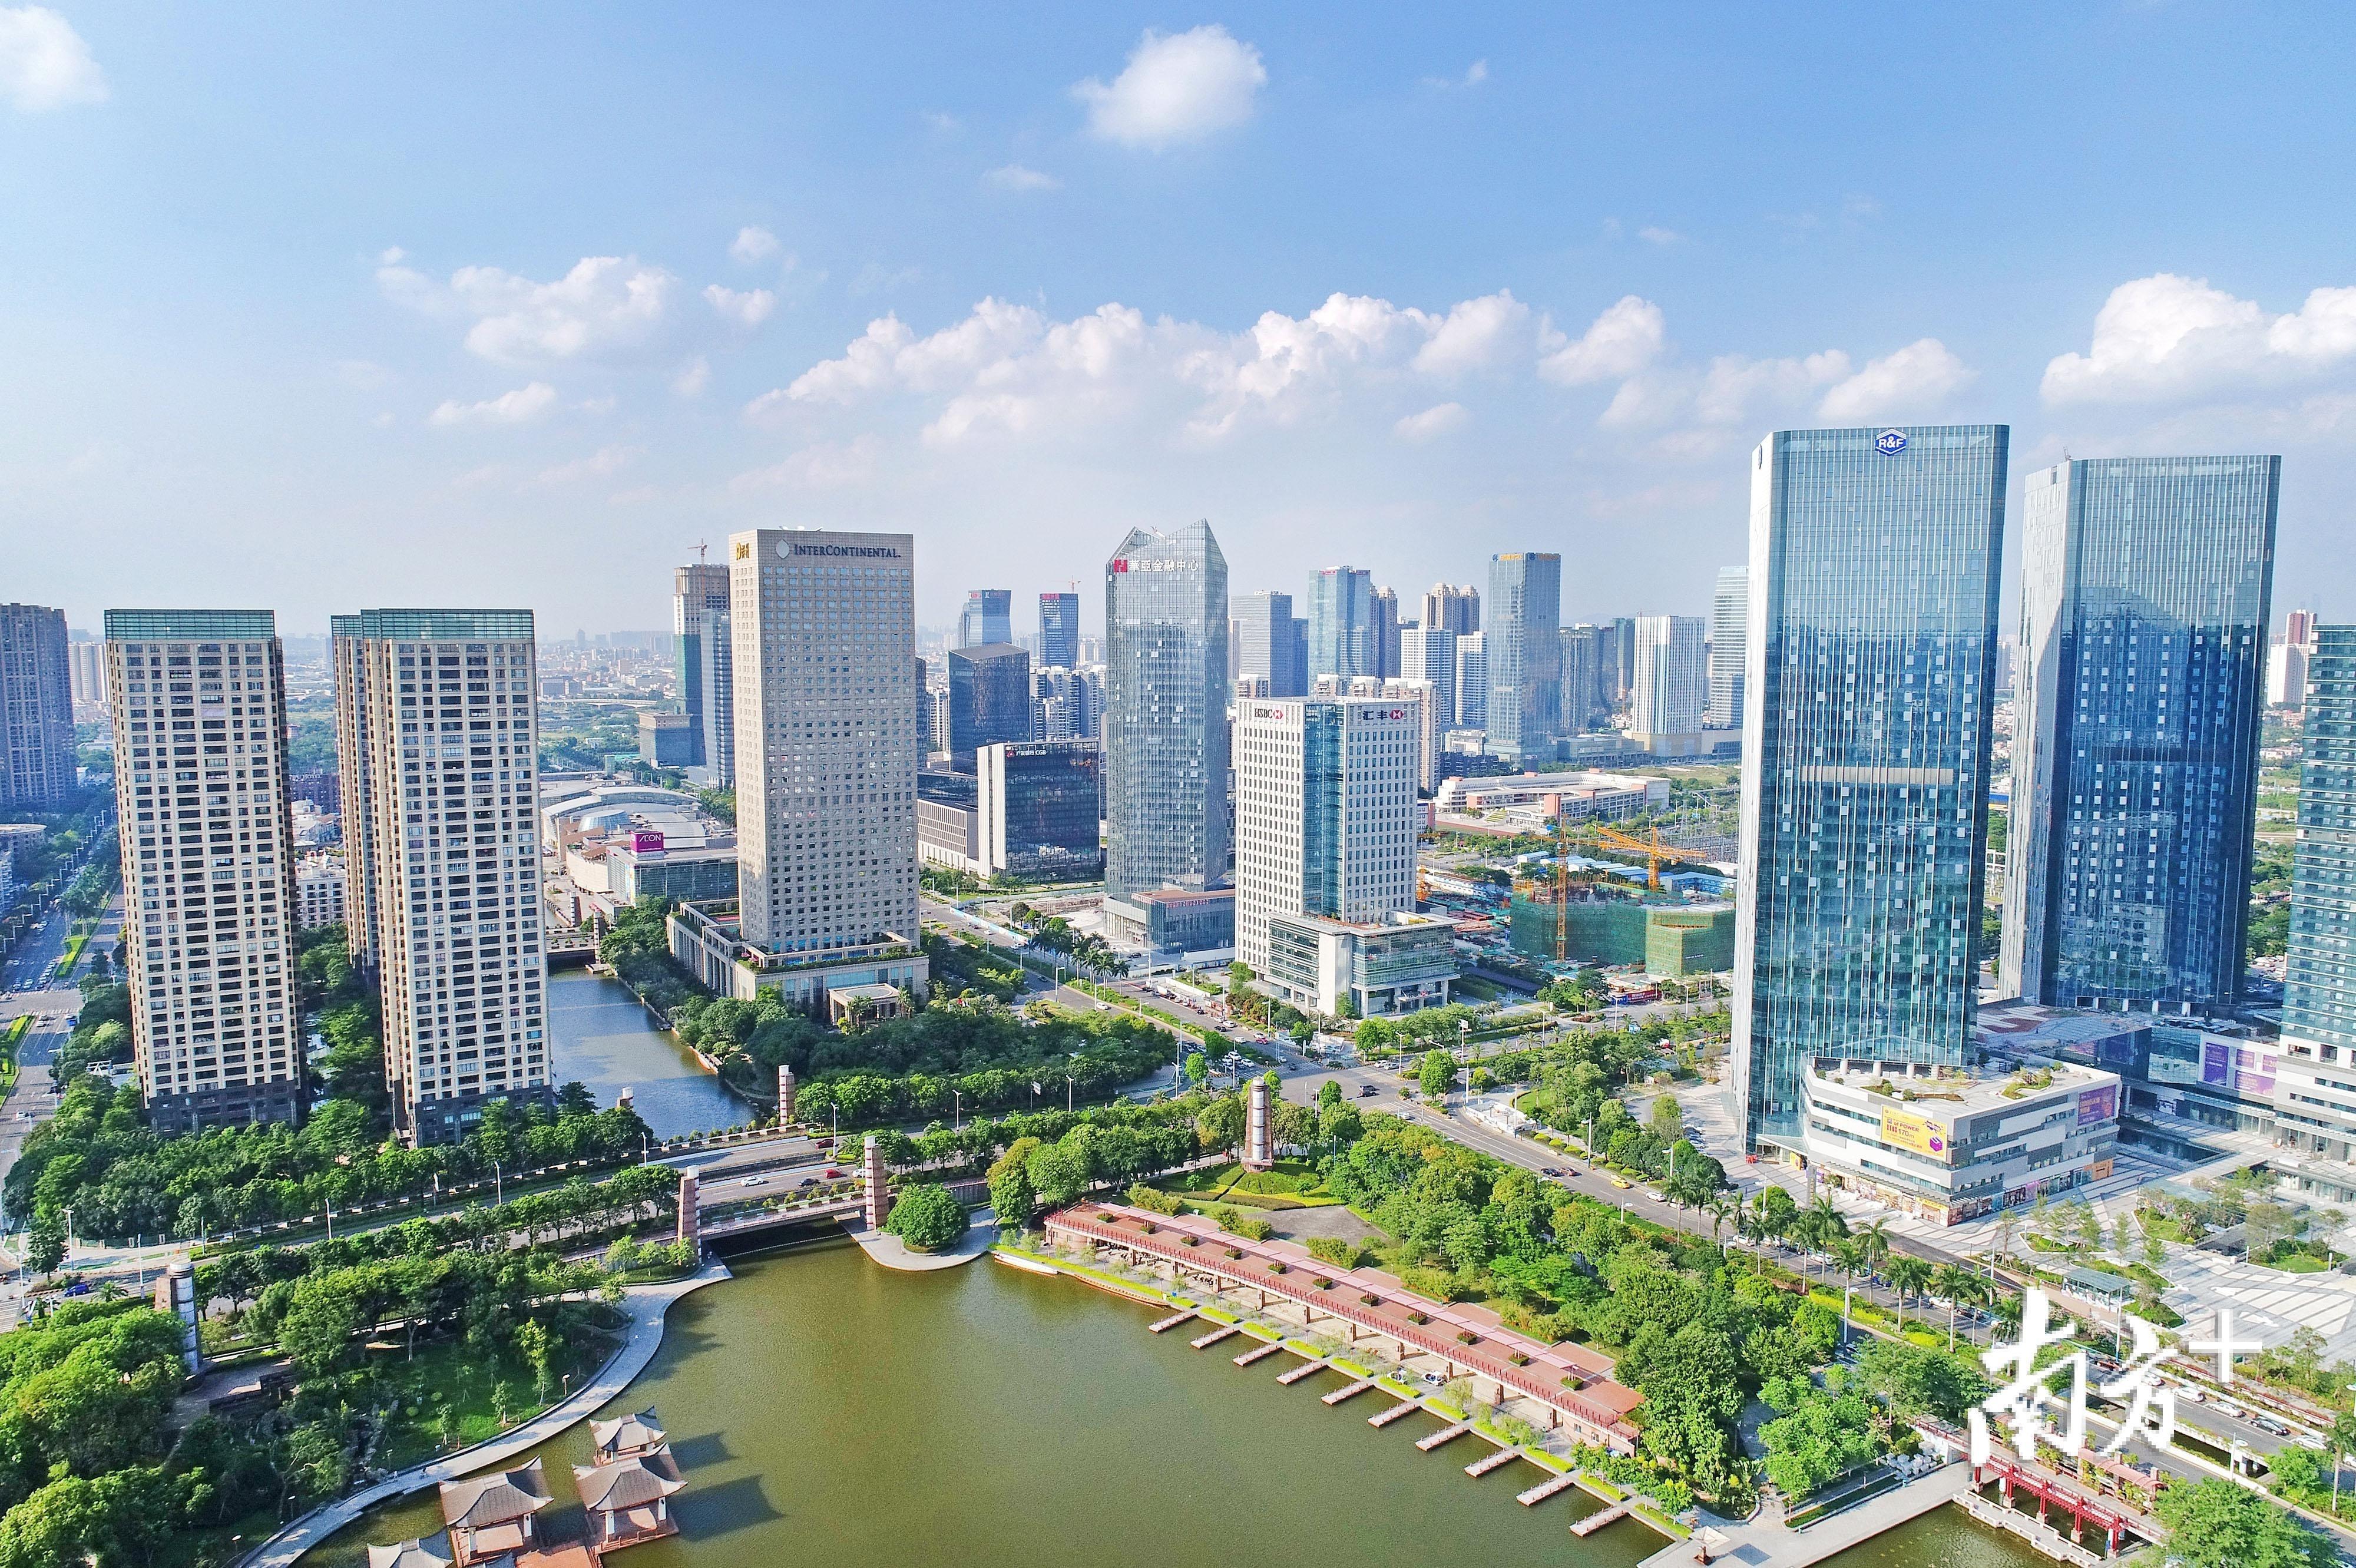 图为位于南海的广东金融高新区。南方+记者 戴嘉信 摄